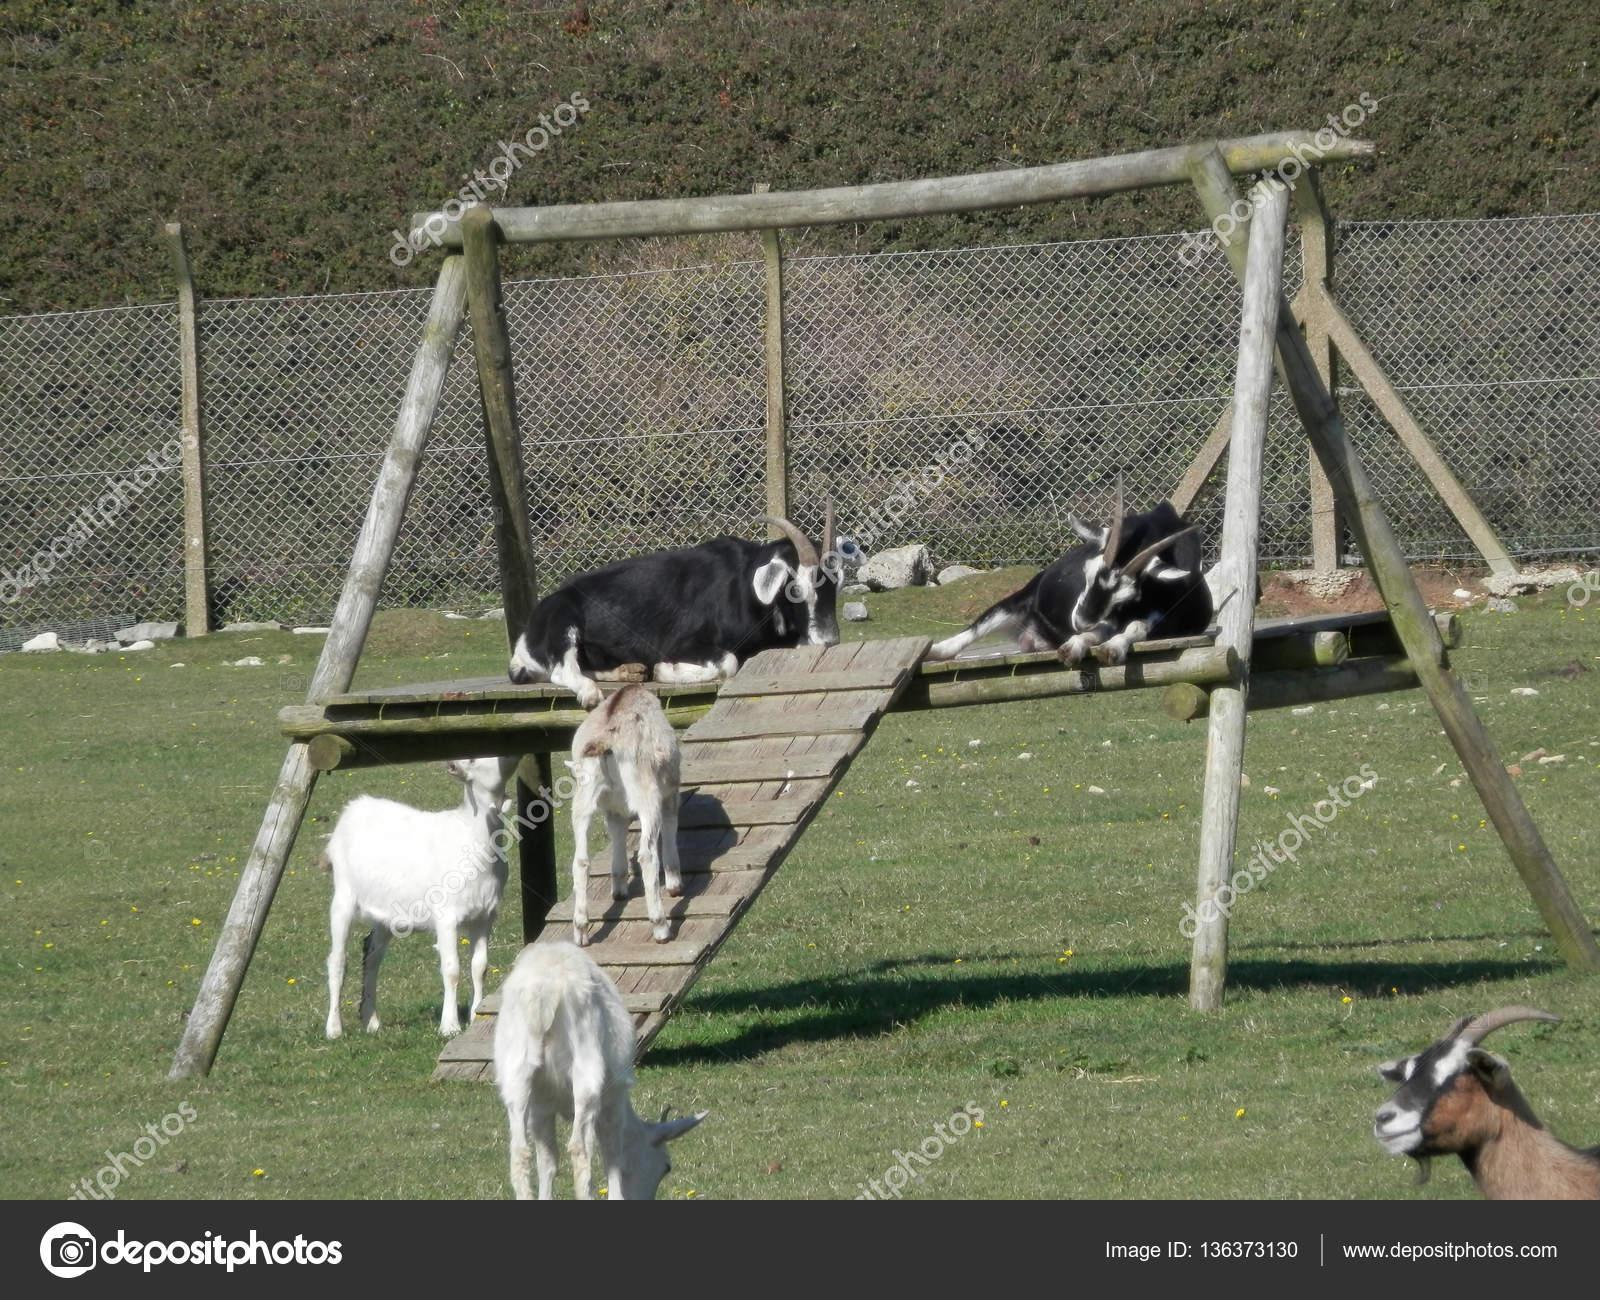 Klettergerüst Ziegen : Ziegen auf klettergerüst u2014 stockfoto © johnnywalker61 #136373130